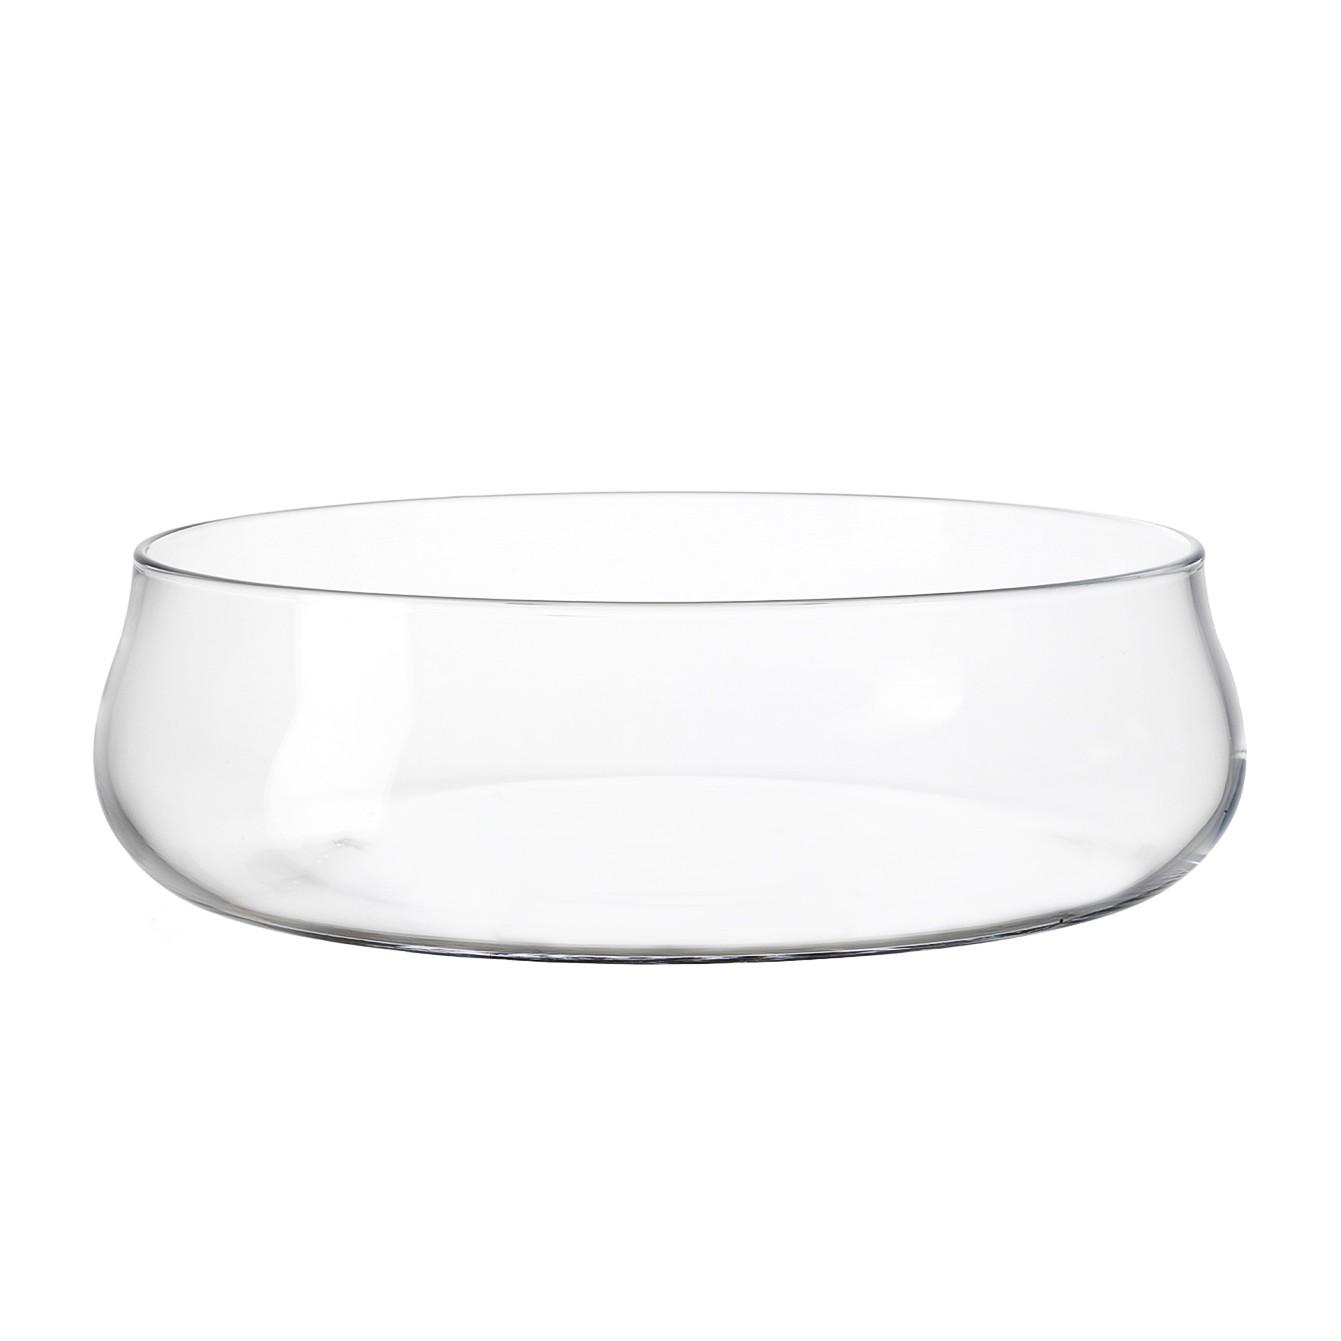 Dekoschale Giardino - Glas - 30, Leonardo